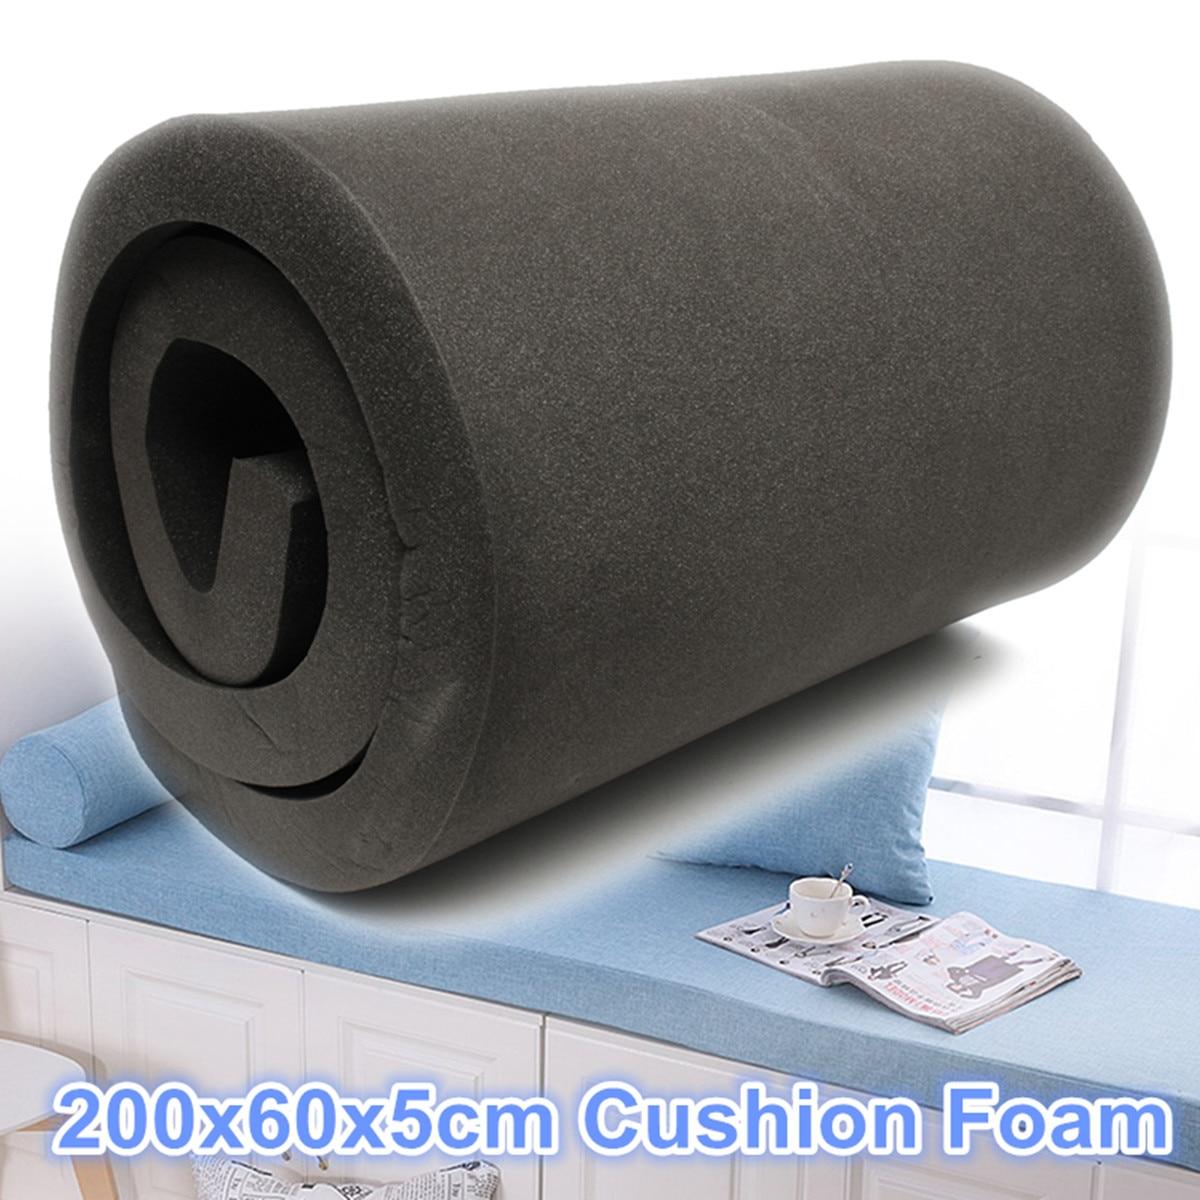 200x60x5 cm noir haute densité polyuréthane siège mousse coussin feuille de remplacement rembourrage coussin mousse tampons meubles couvertures